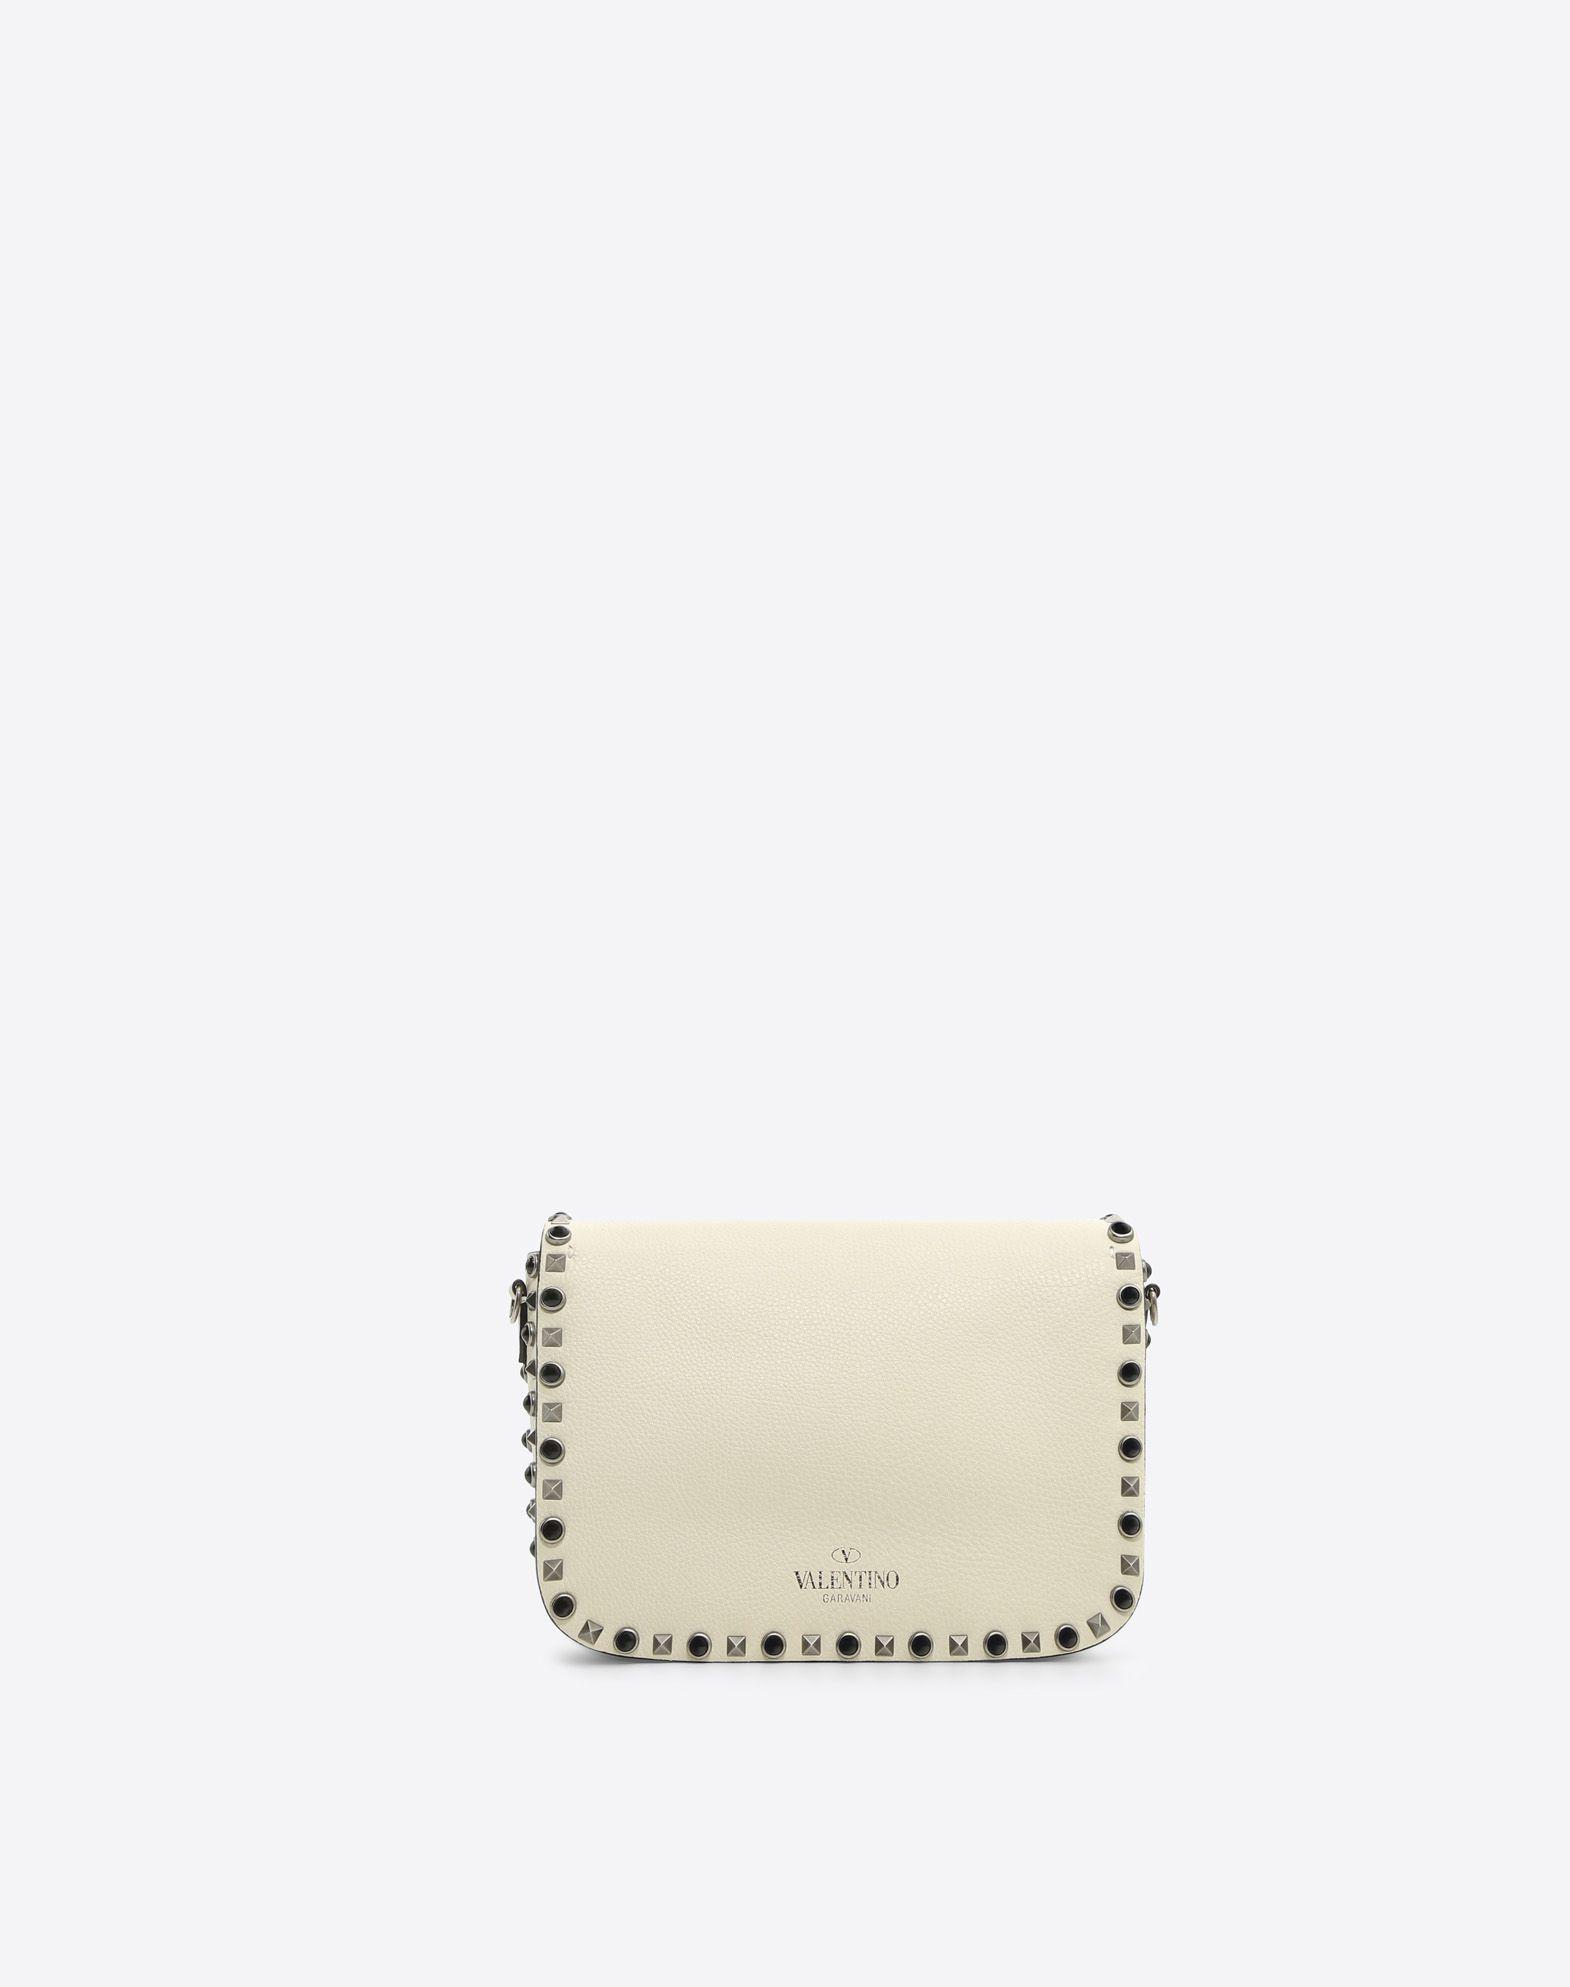 VALENTINO GARAVANI Rockstud Bag Shoulder bag D d